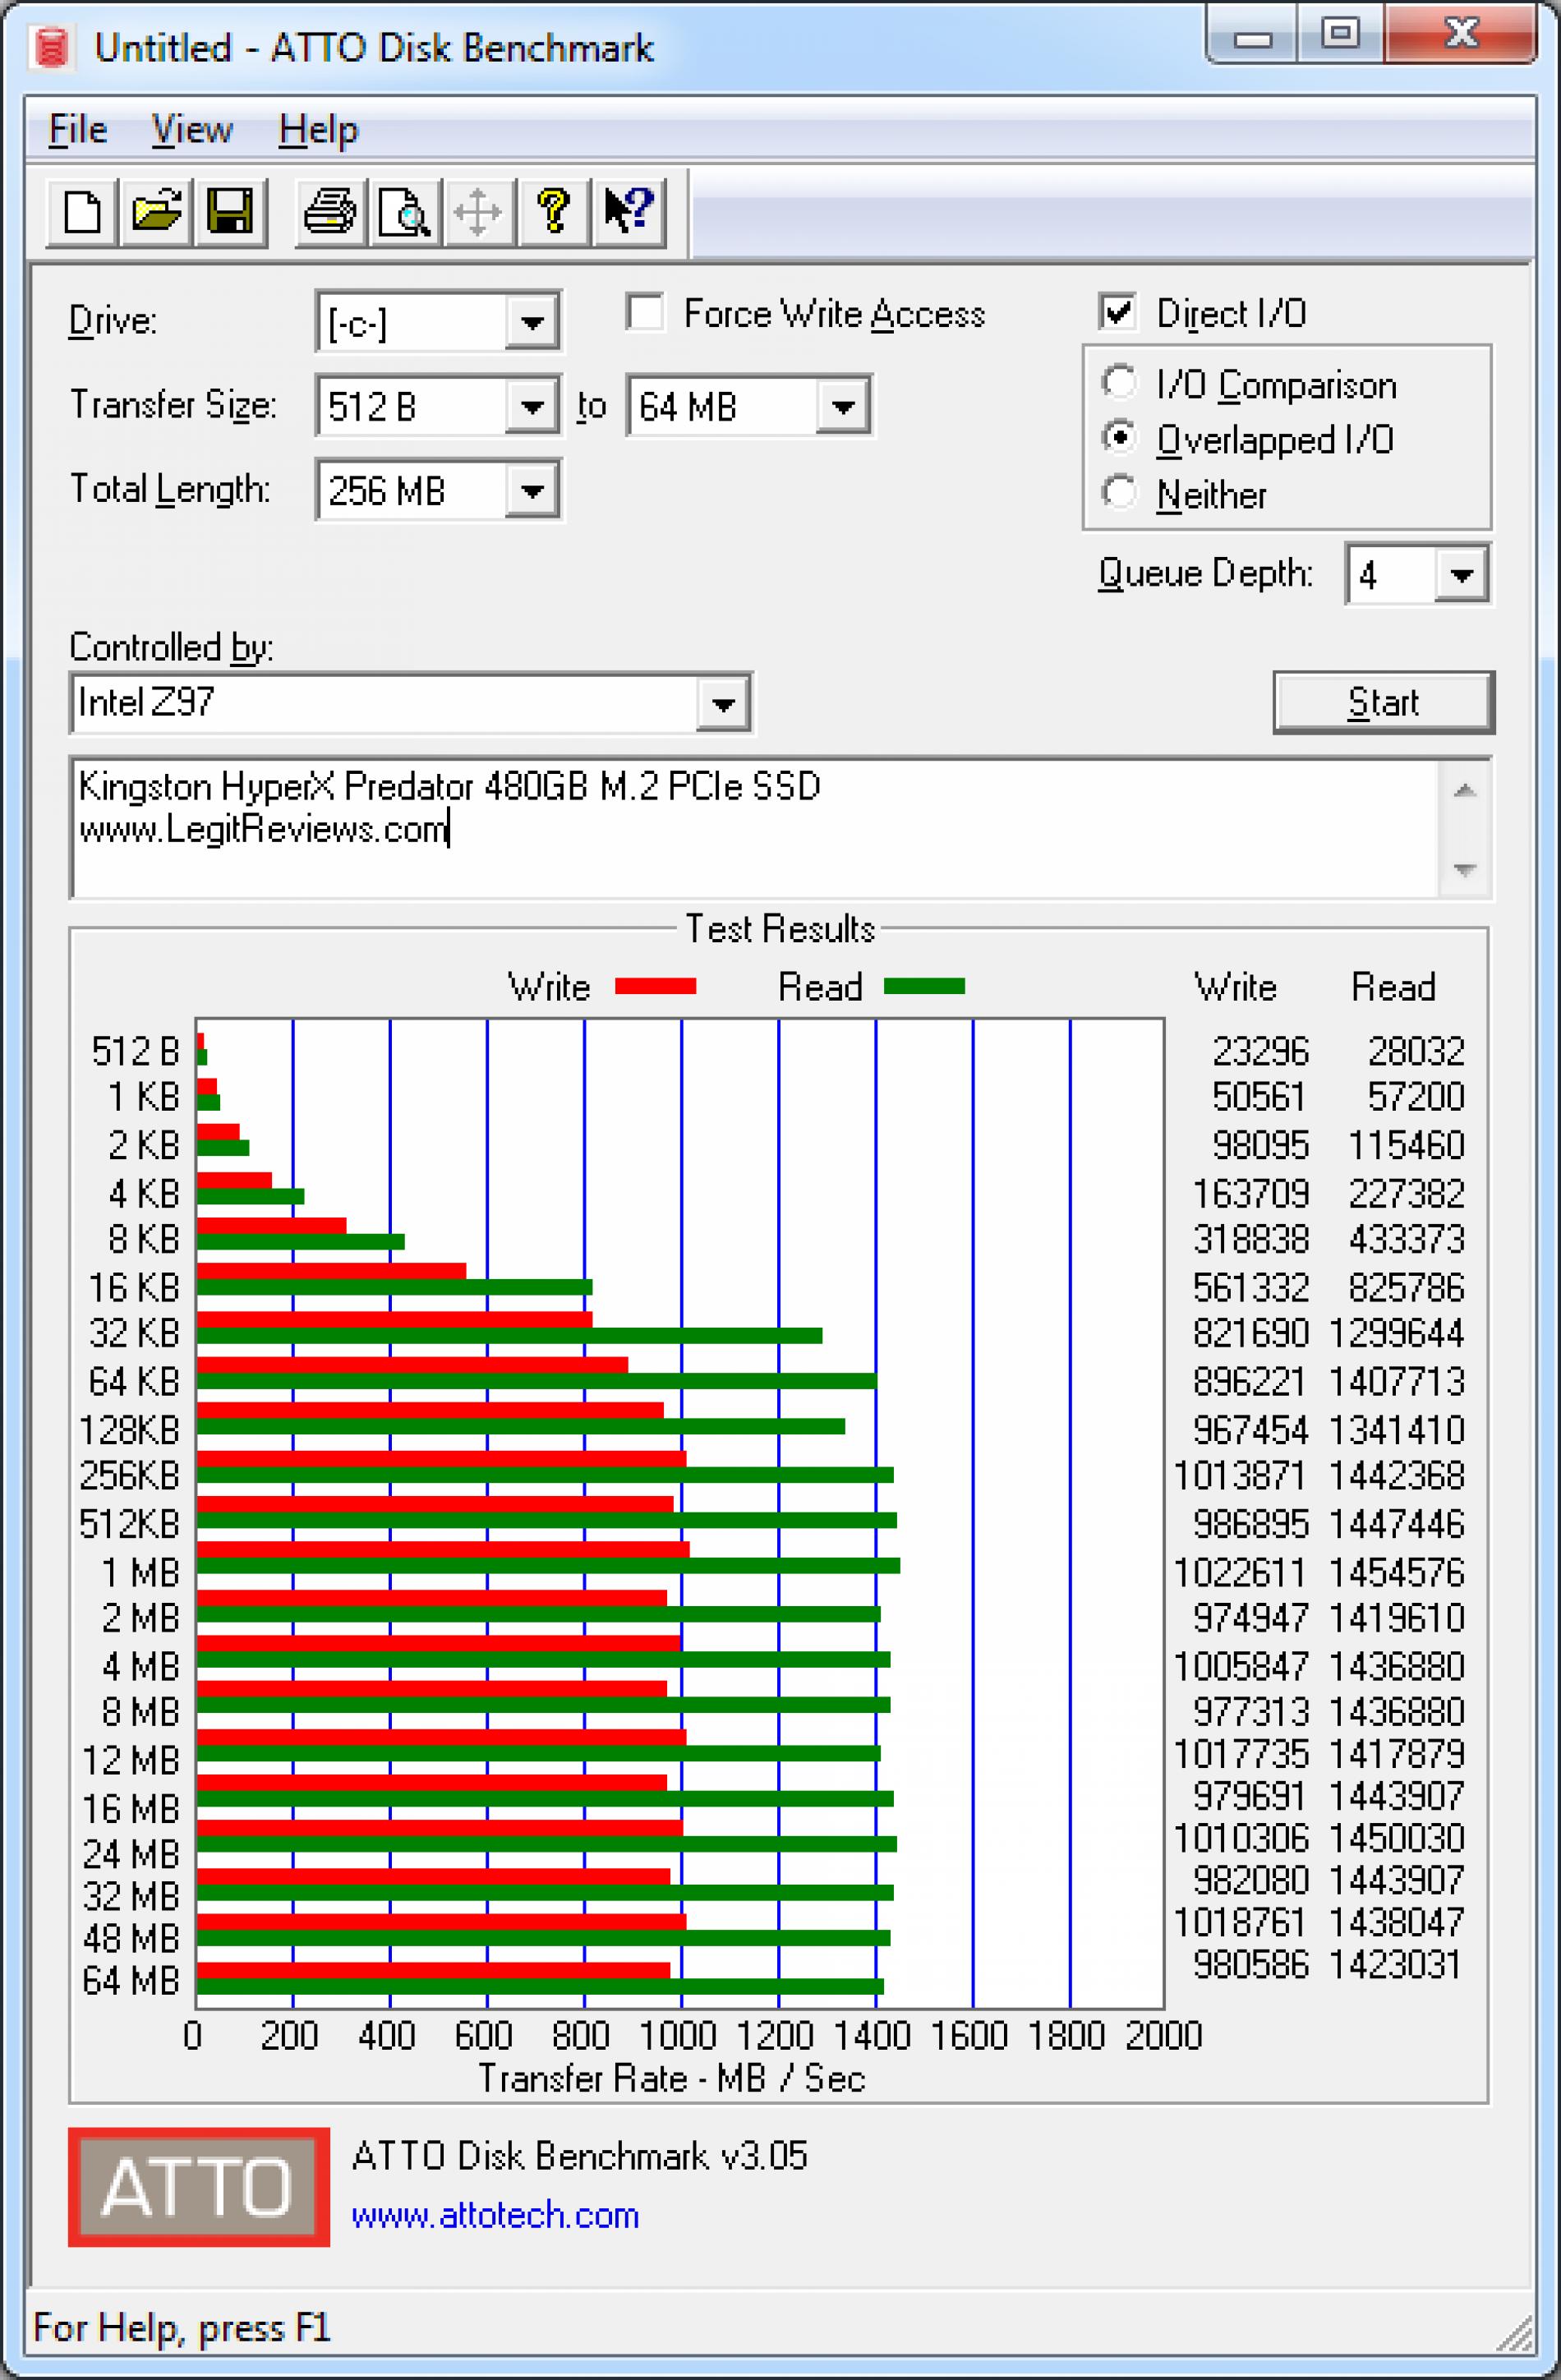 ATTO Disk Benchmark 3.05